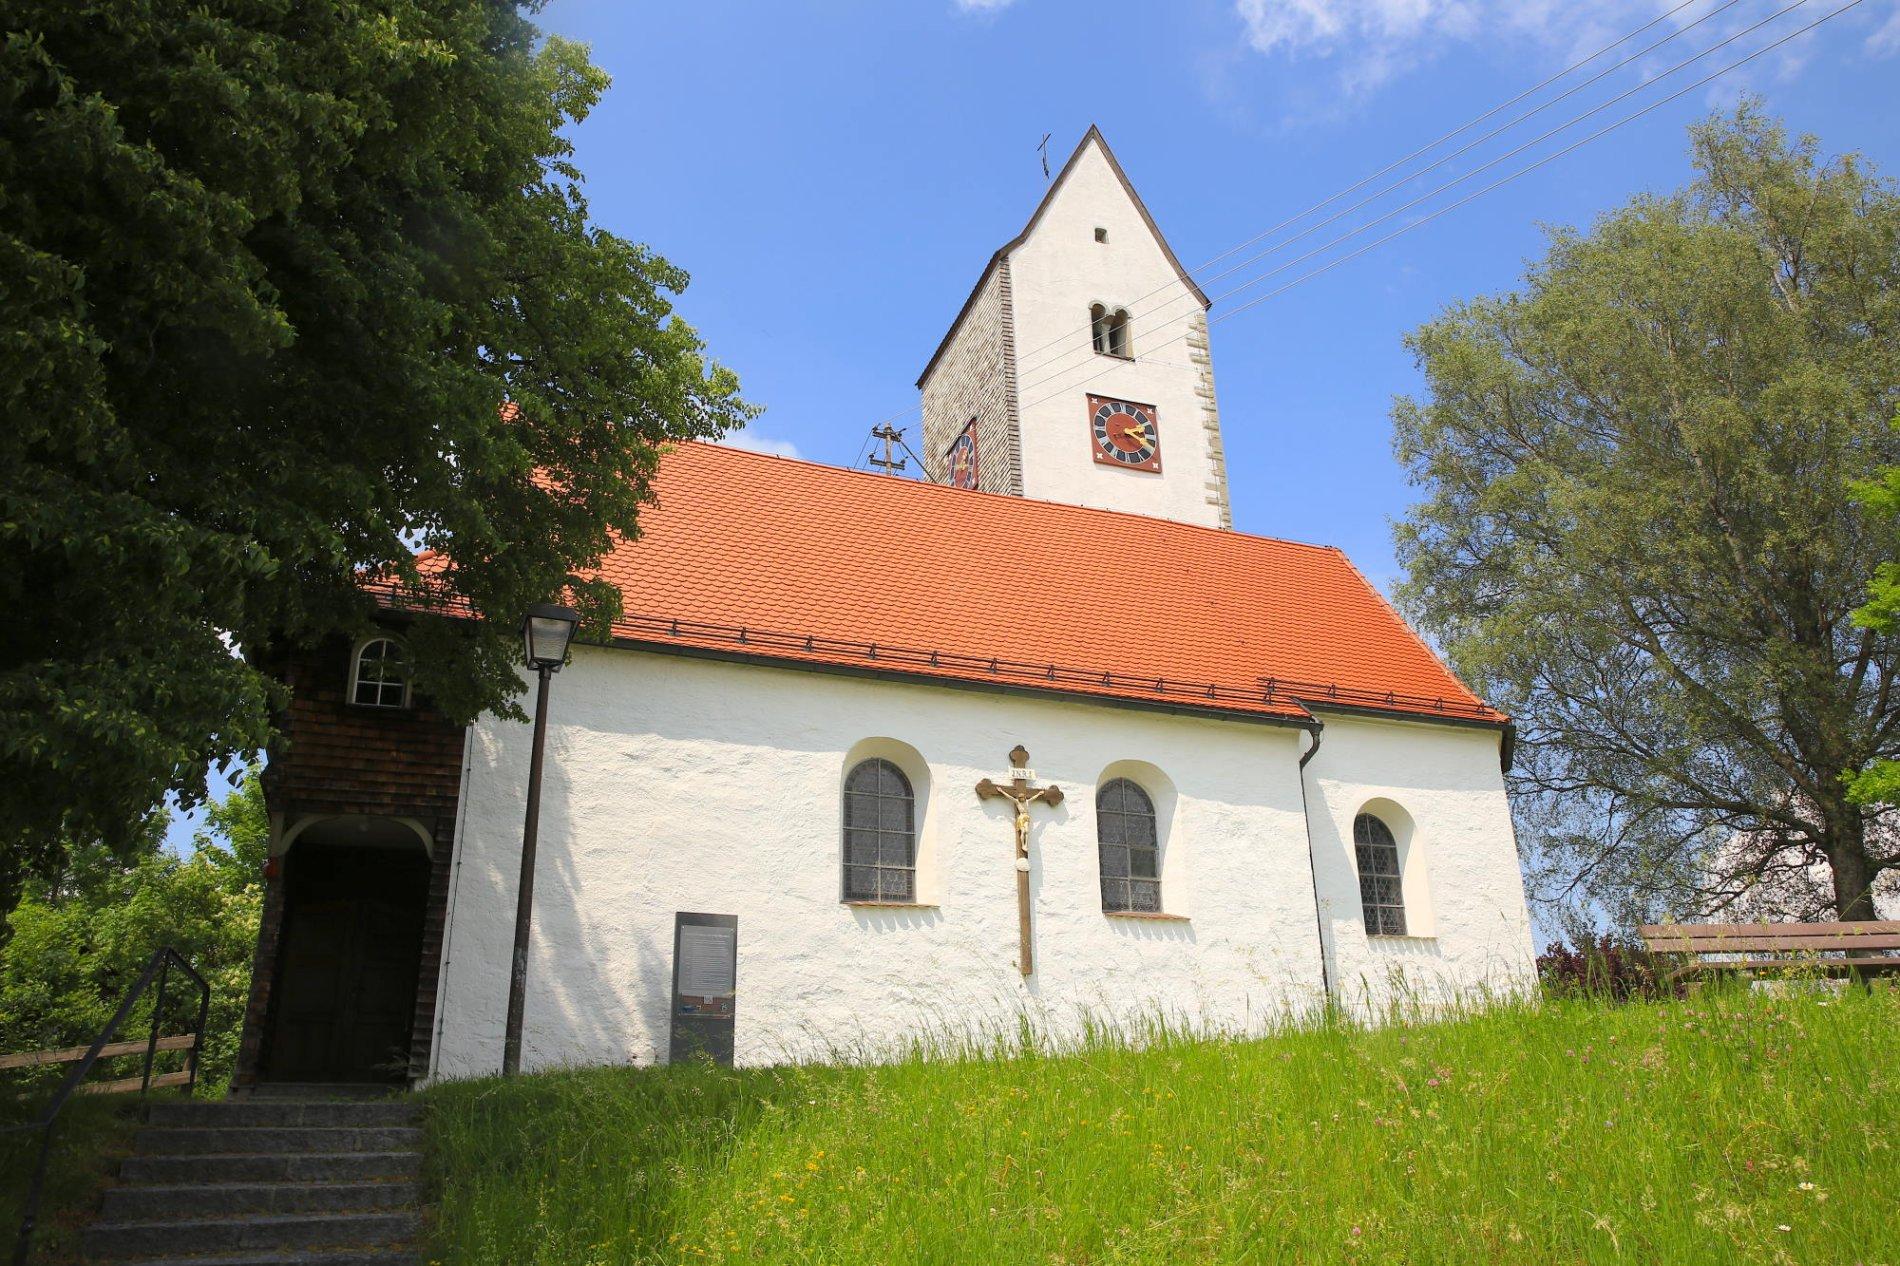 Kirche St. Johannes der Täufer, Ermengerst